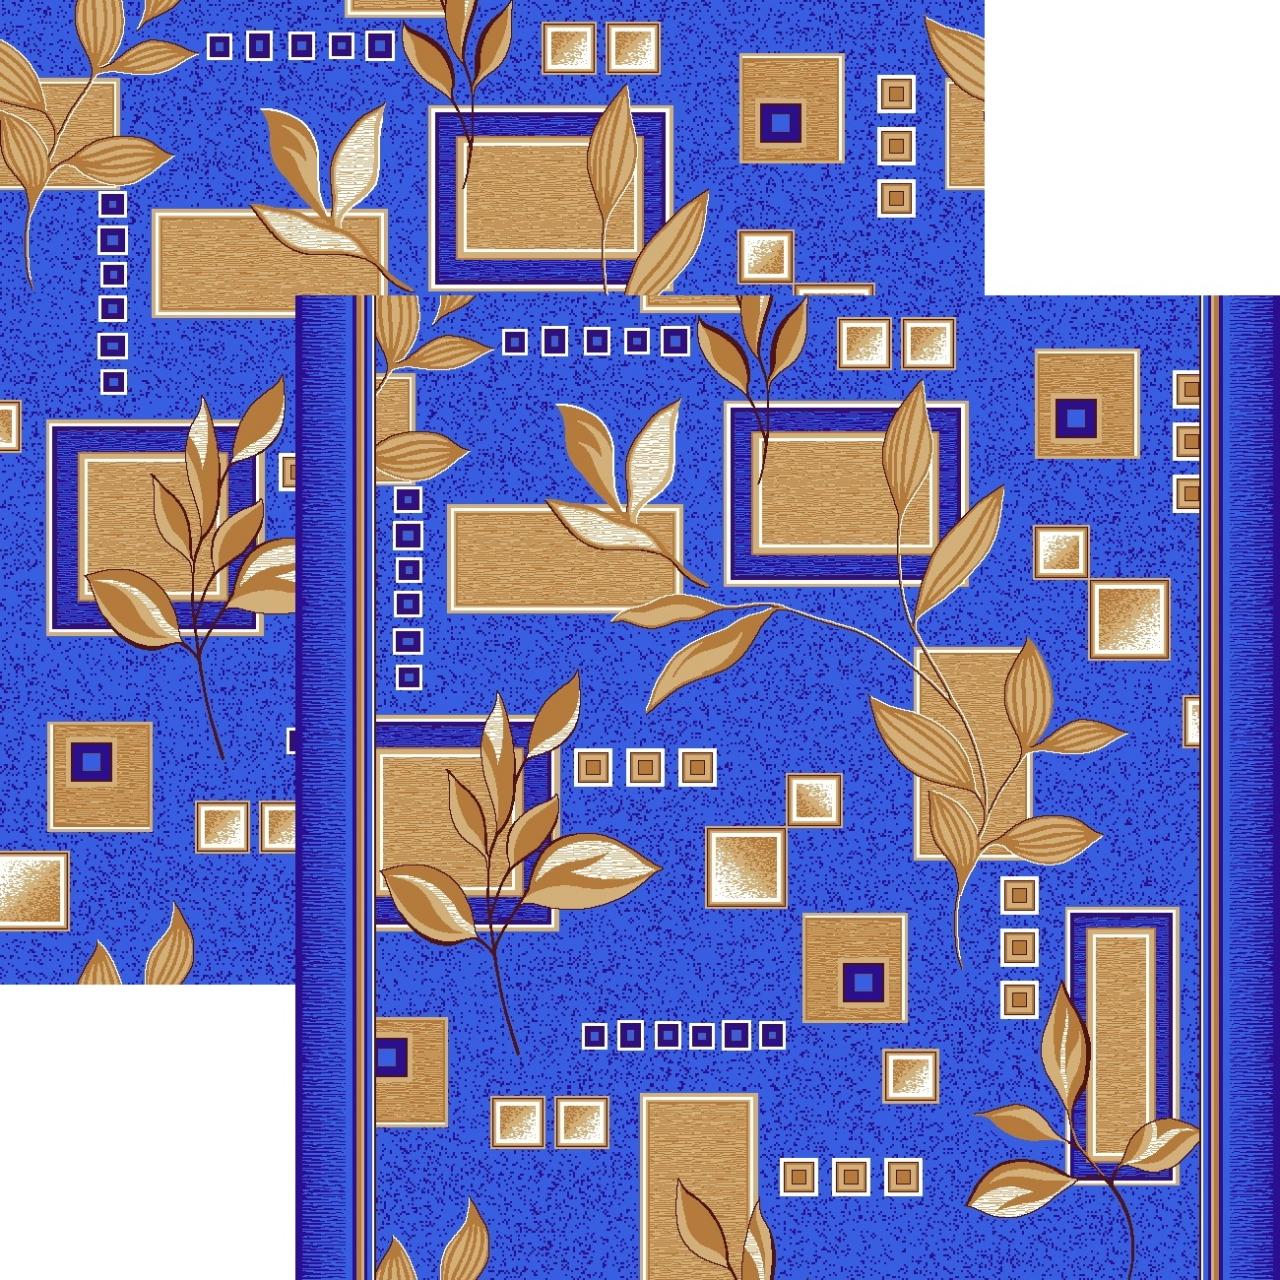 Ковровая дорожка p1166a5r - 37 - коллекция принт 8-ми цветная дорожка - фото 1